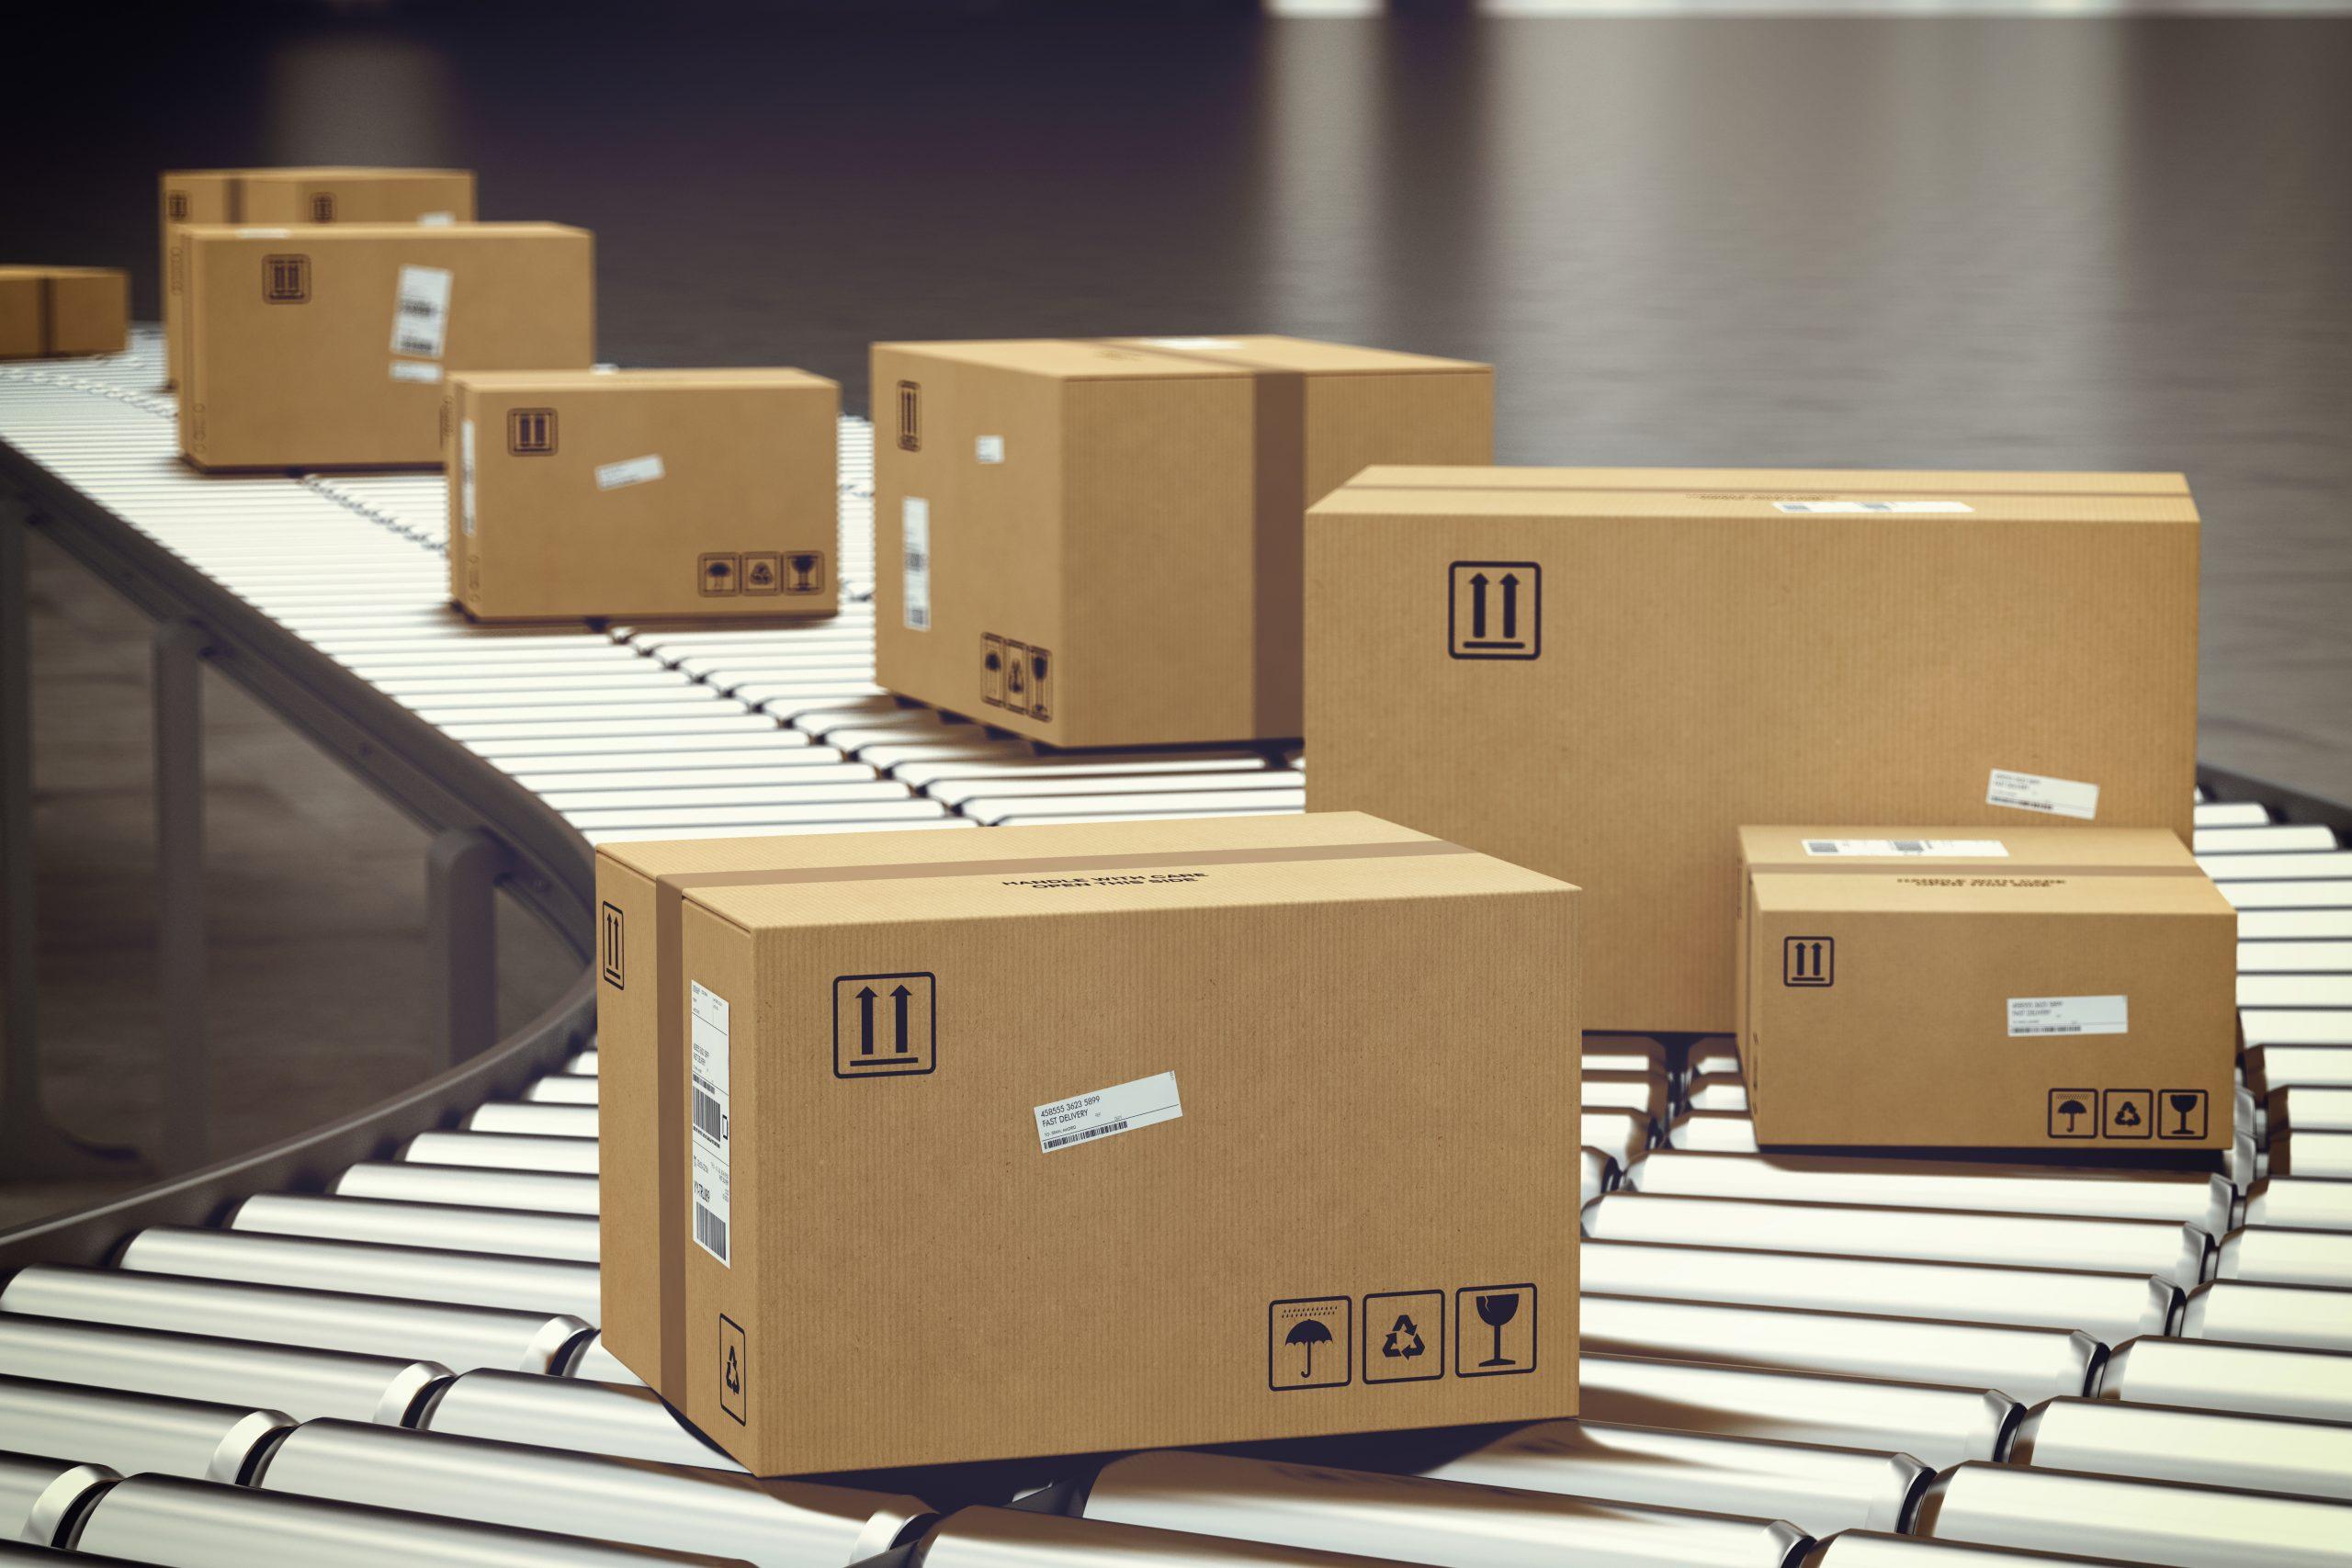 Come scegliere il giusto packaging per spedire il tuo prodotto?